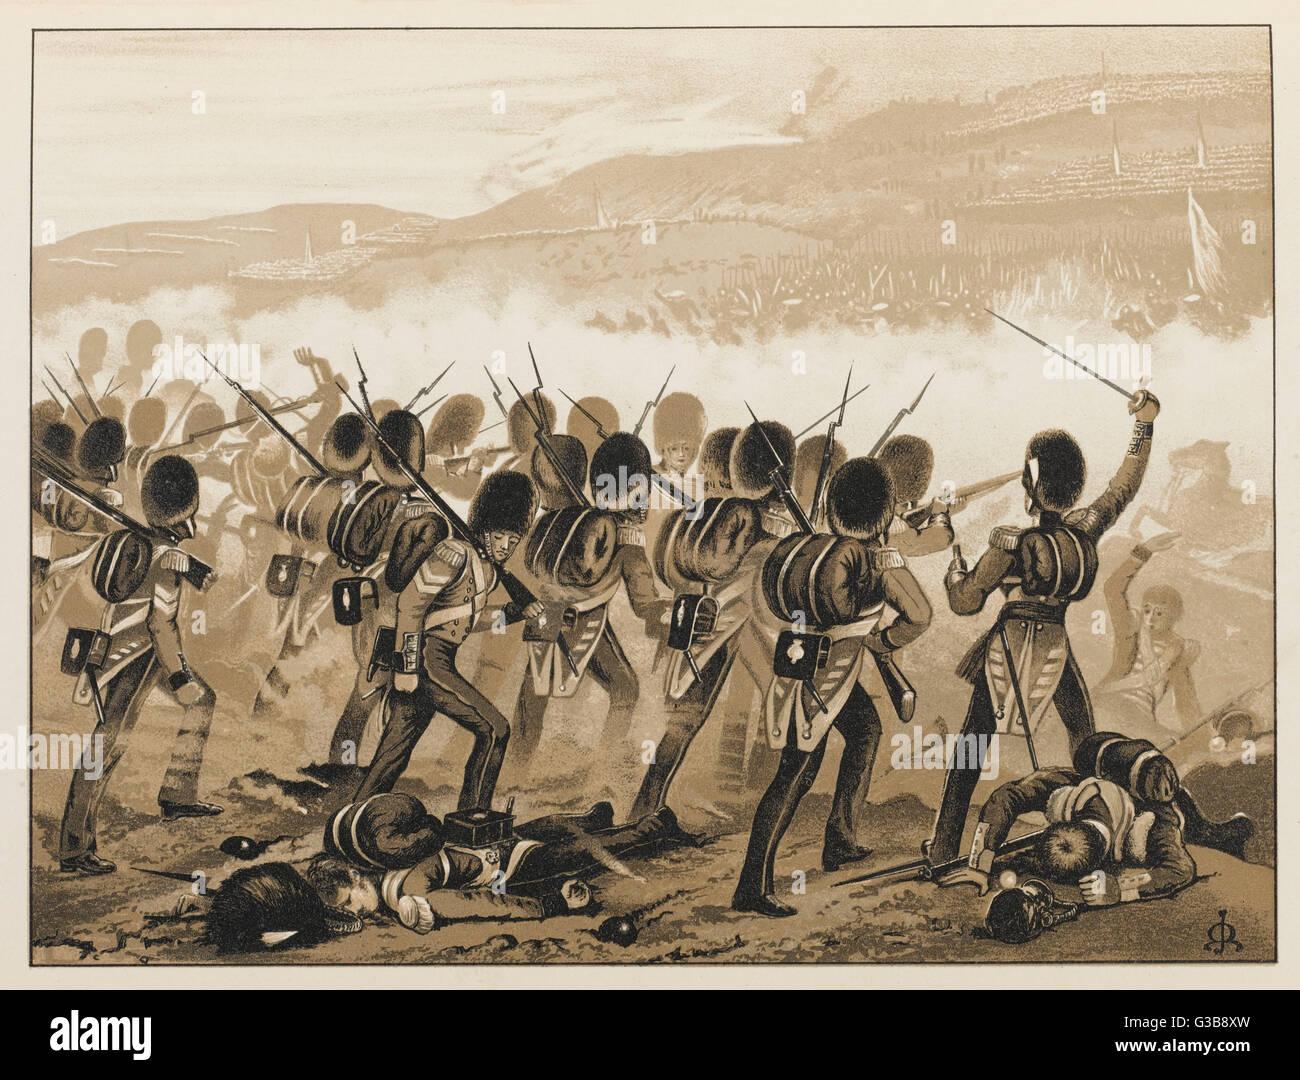 L'avance de les Grenadier Guards Date: 20 Septembre 1854 Photo Stock